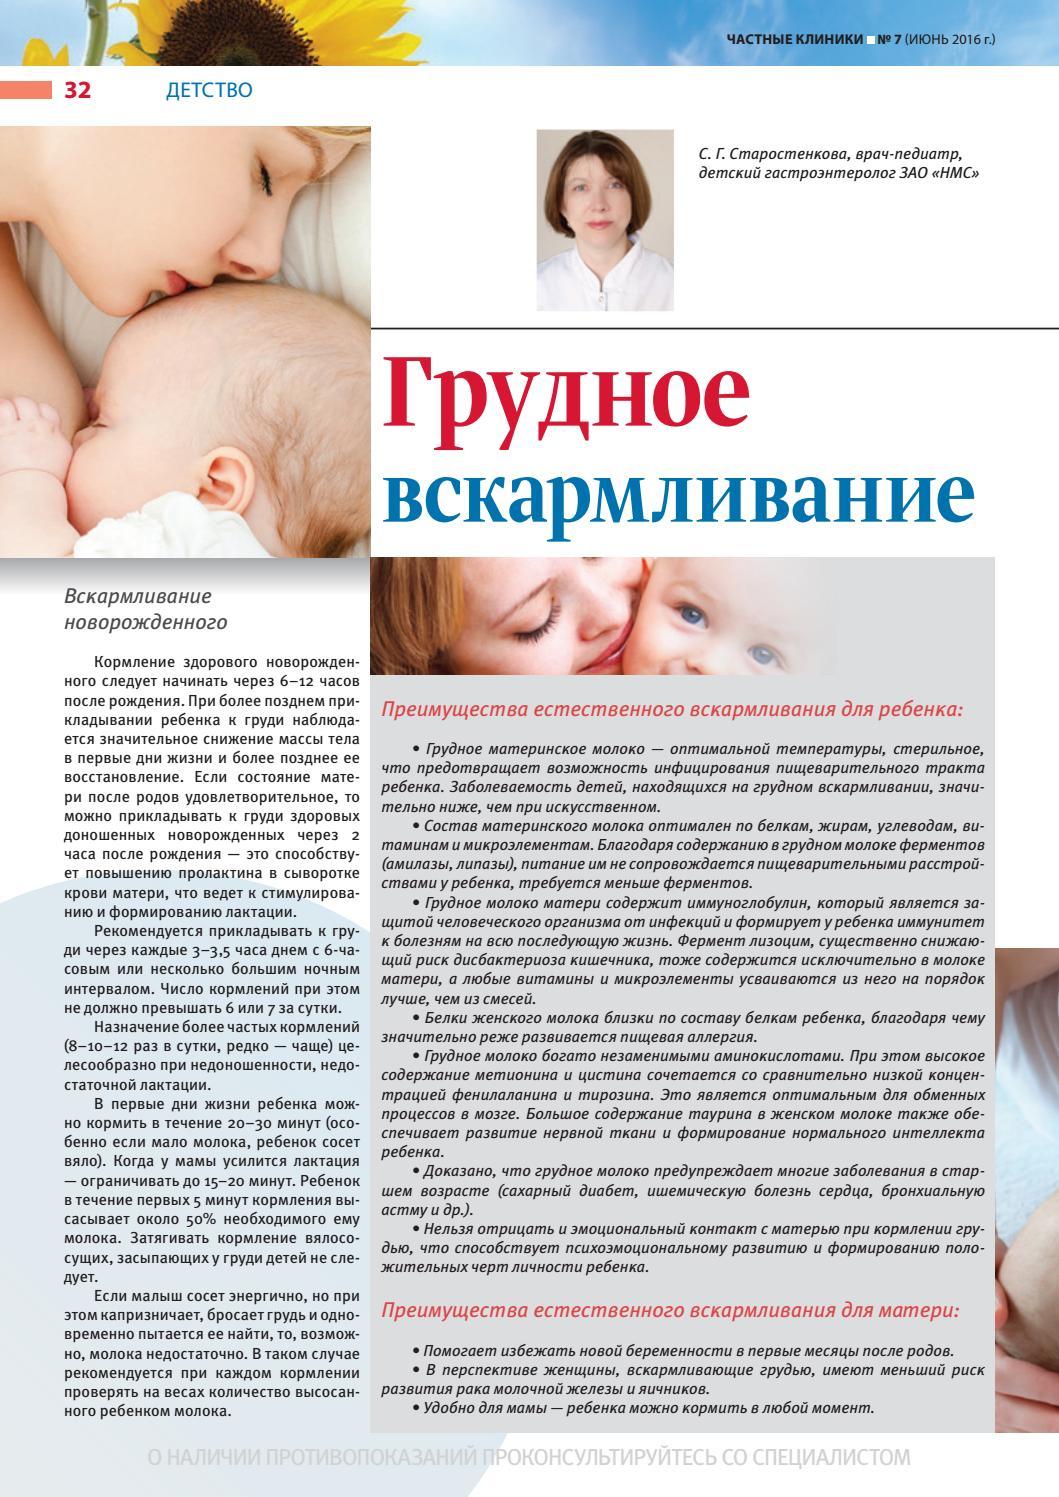 Что делать при температуре у кормящей матери: можно ли кормить ребенка, чем сбить жар во время грудного вскармливания?